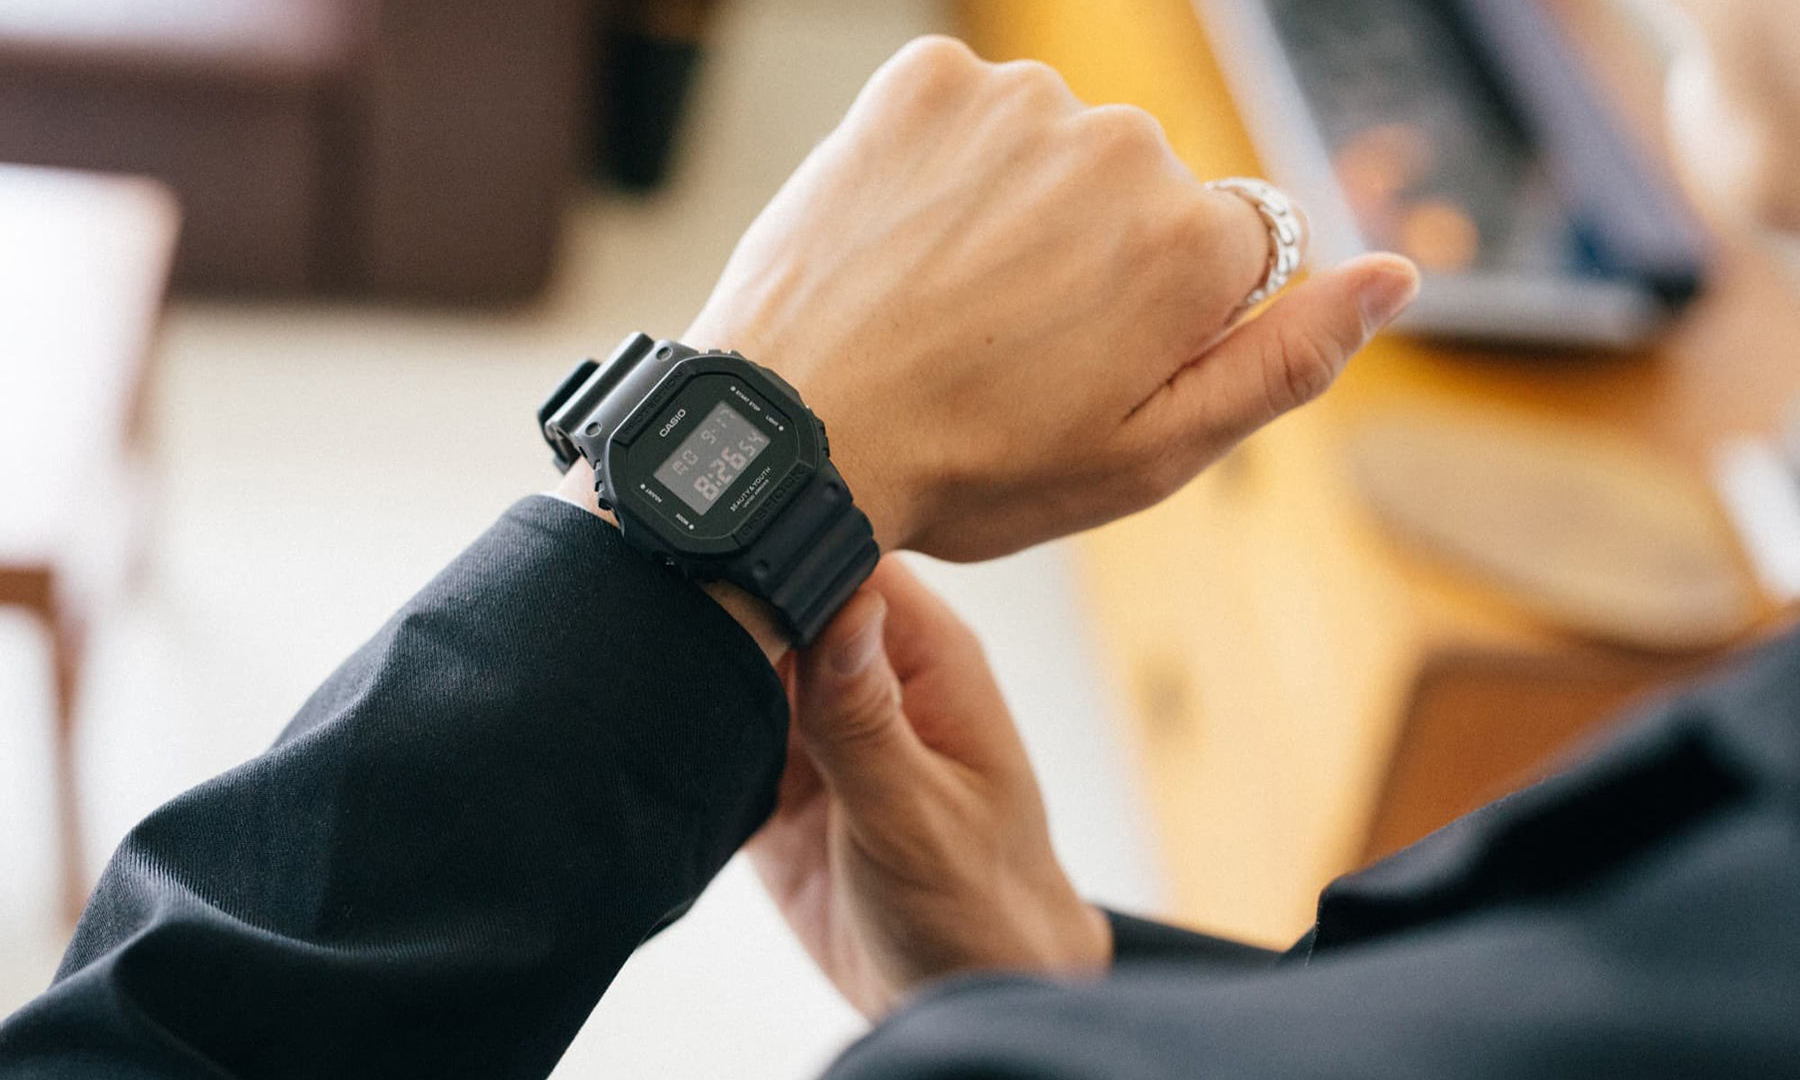 一周七天的搭配选择,BEAUTY & YOUTH x G-SHOCK 联乘款腕表释出